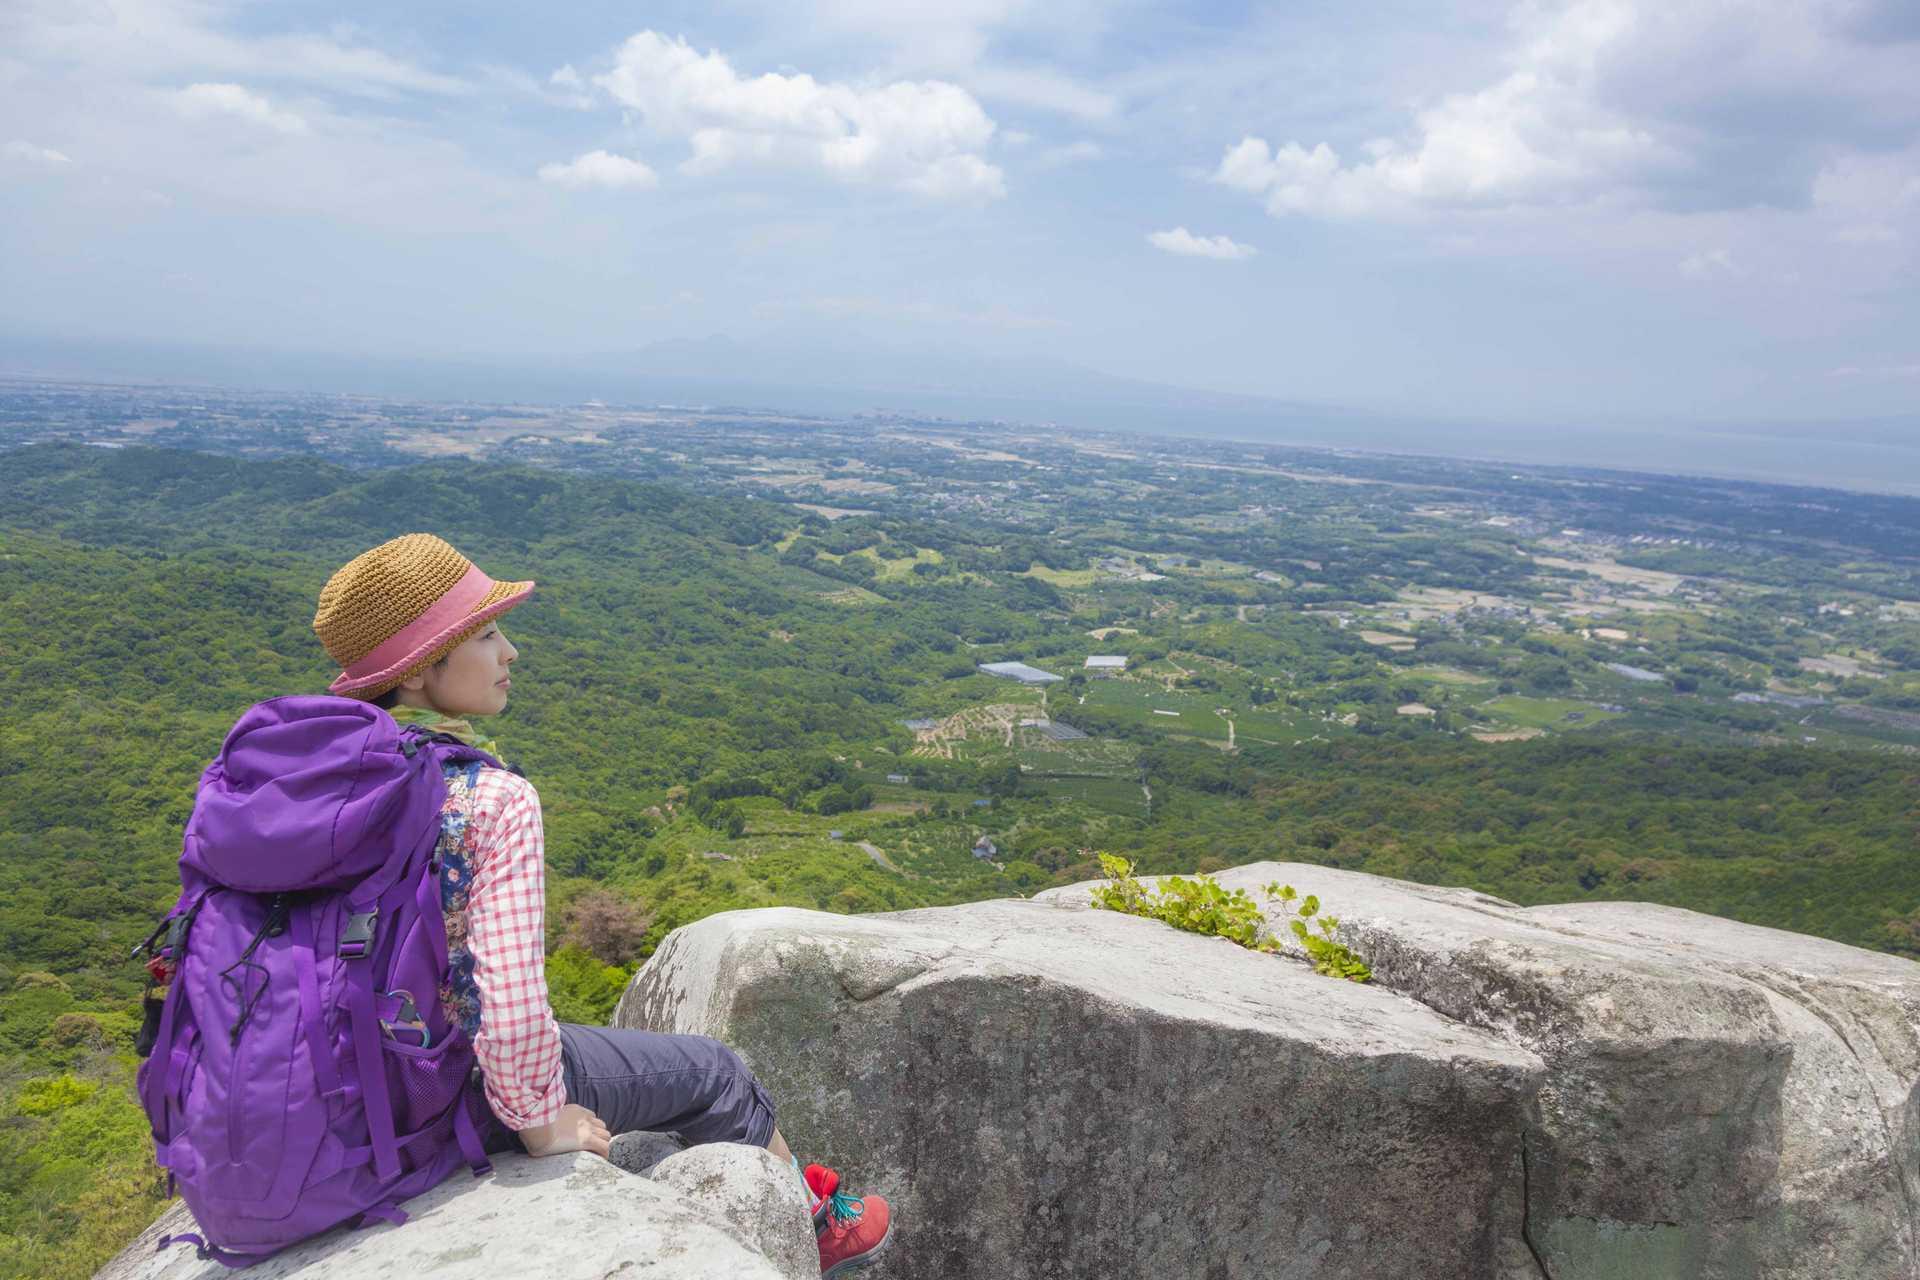 なぜ山登りを始めると、足が止まらなくなるのか。 | 健康のためになる30の散歩術